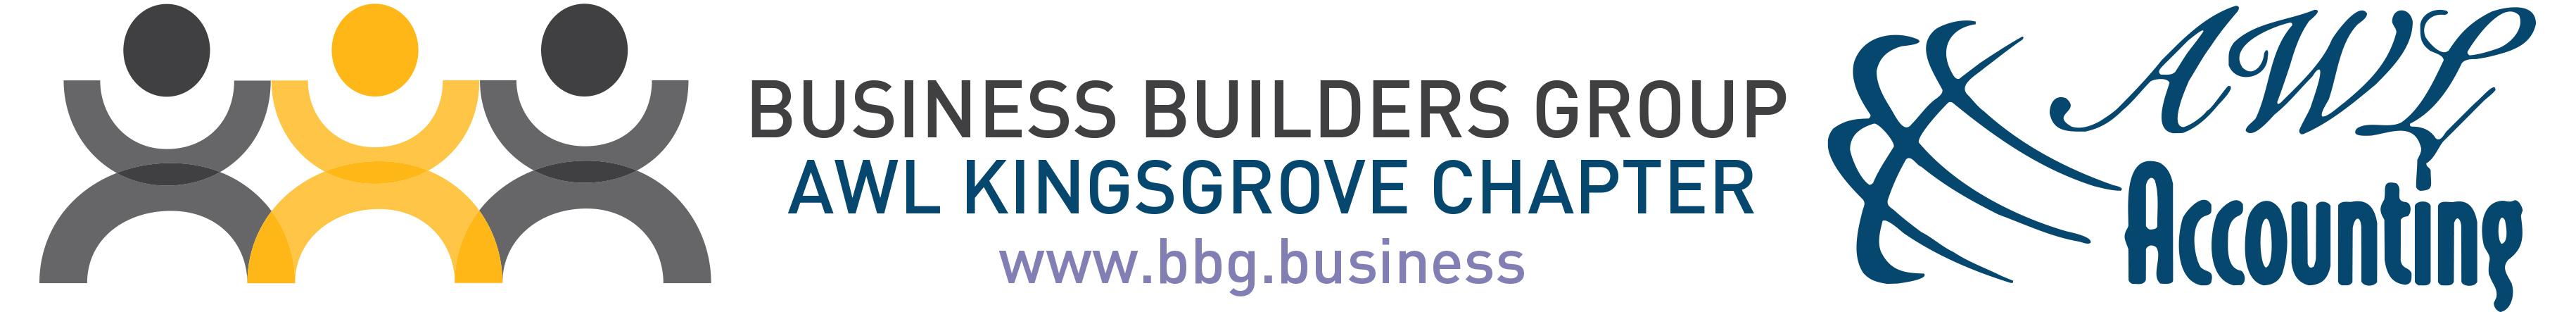 BBG AWL Logo